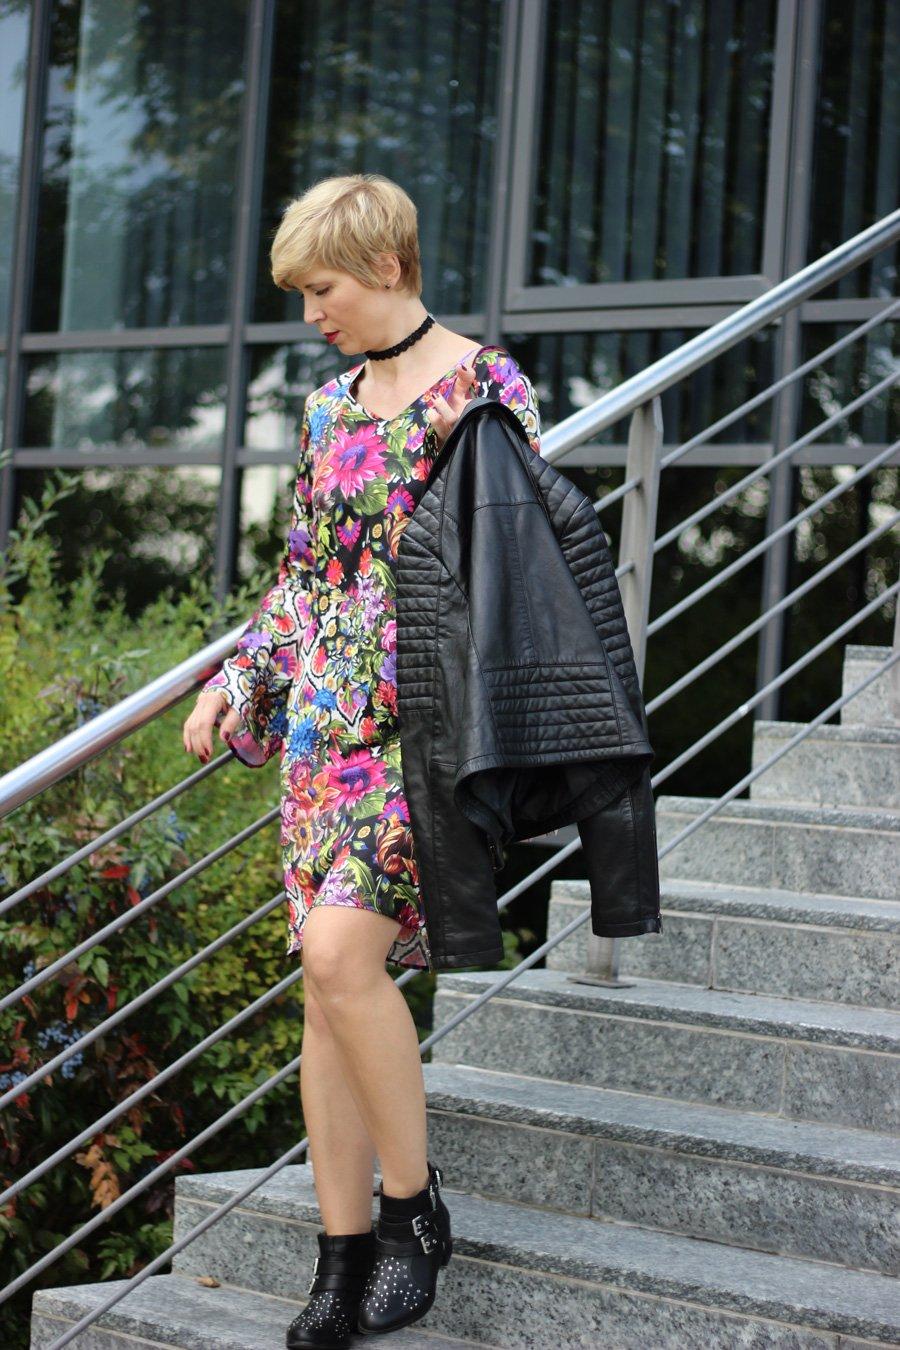 Conny doll lifestyle: Amy Vermont von WENZ: Stilmix mit Lederjacke und Blumenkleid,